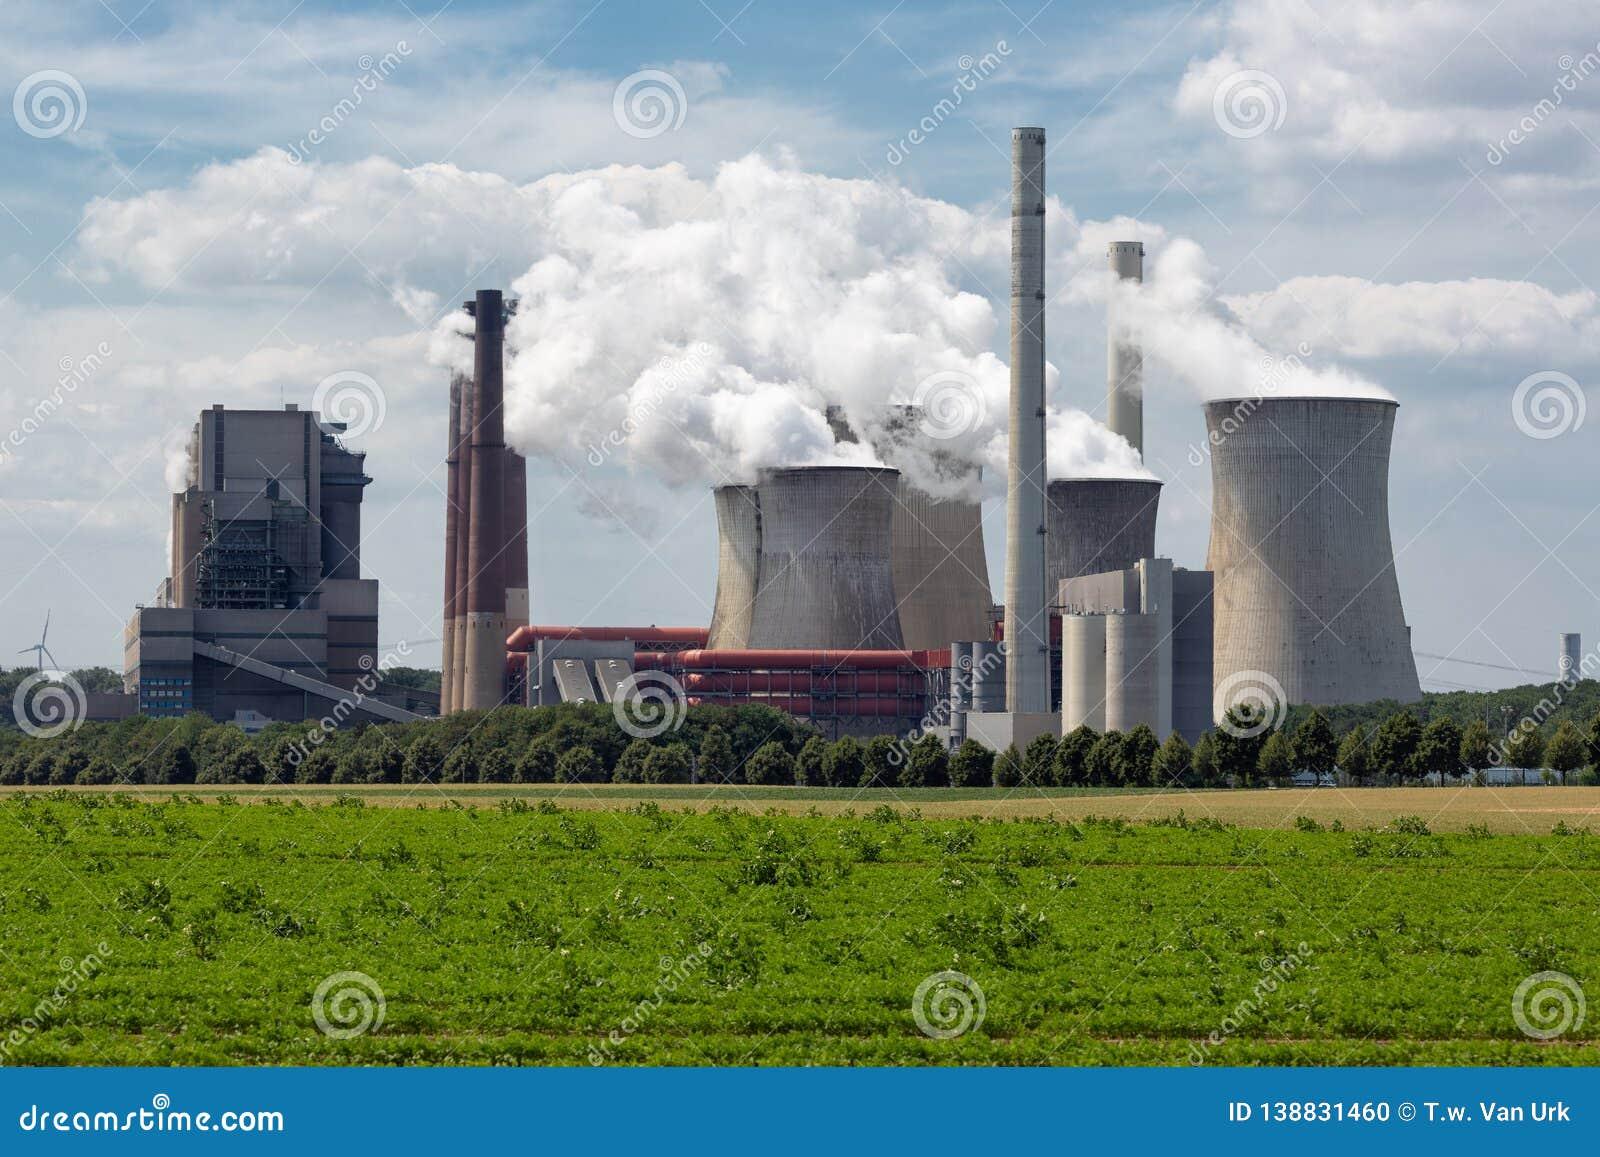 Met kolen gestookte elektrische centrale dichtbij bruinkoolmijn Garzweiler in Duitsland